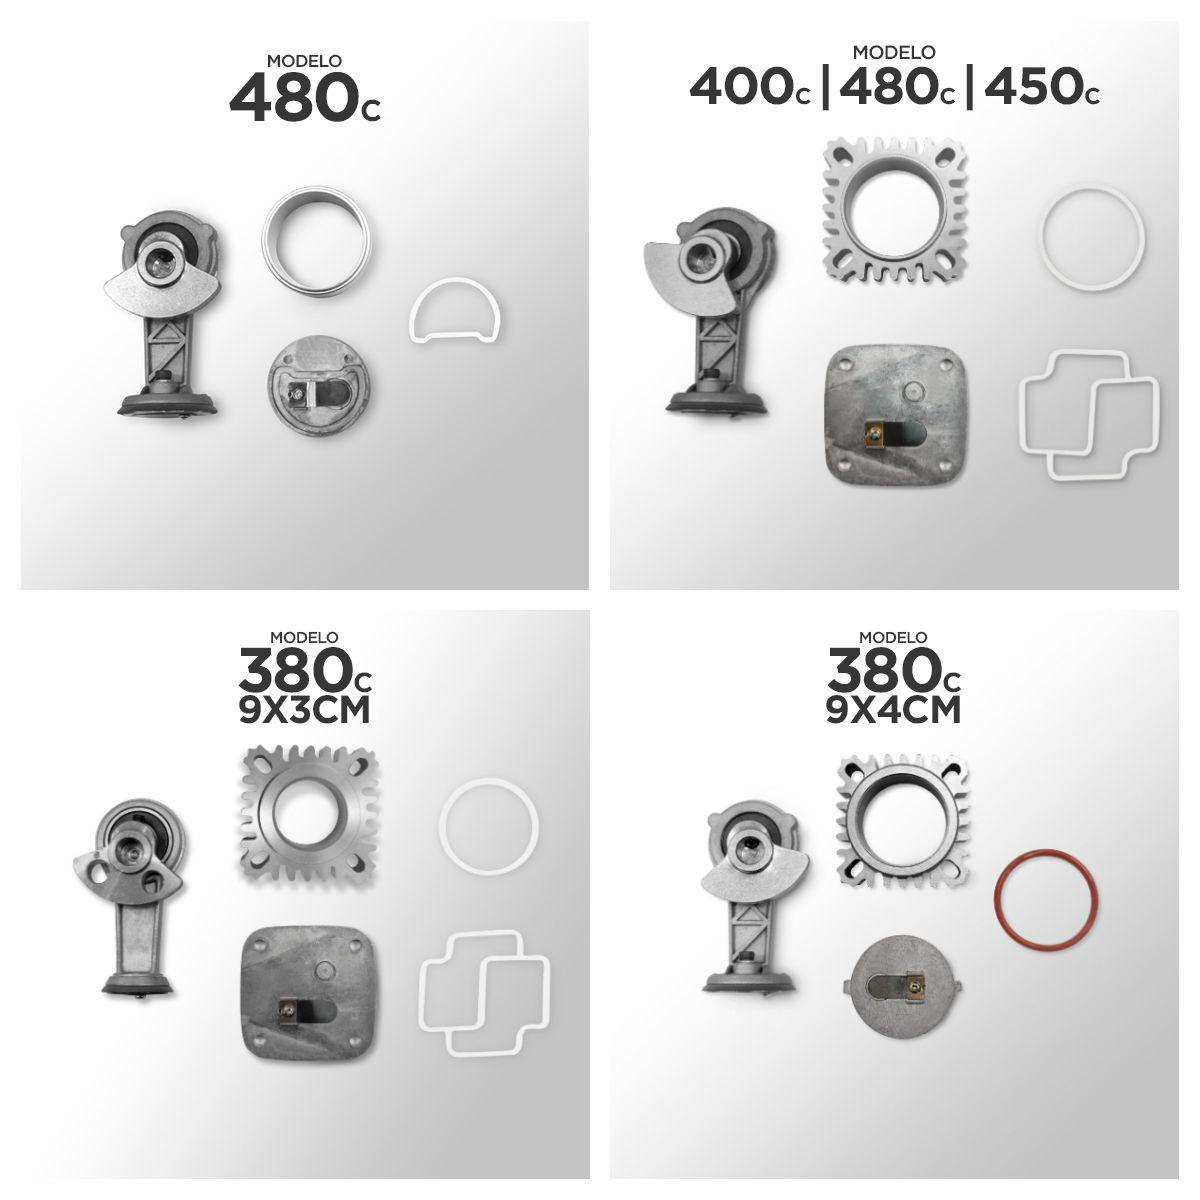 Kit Reparo Compressor 325c, 380c, 400c, 444c, 450c, 480c